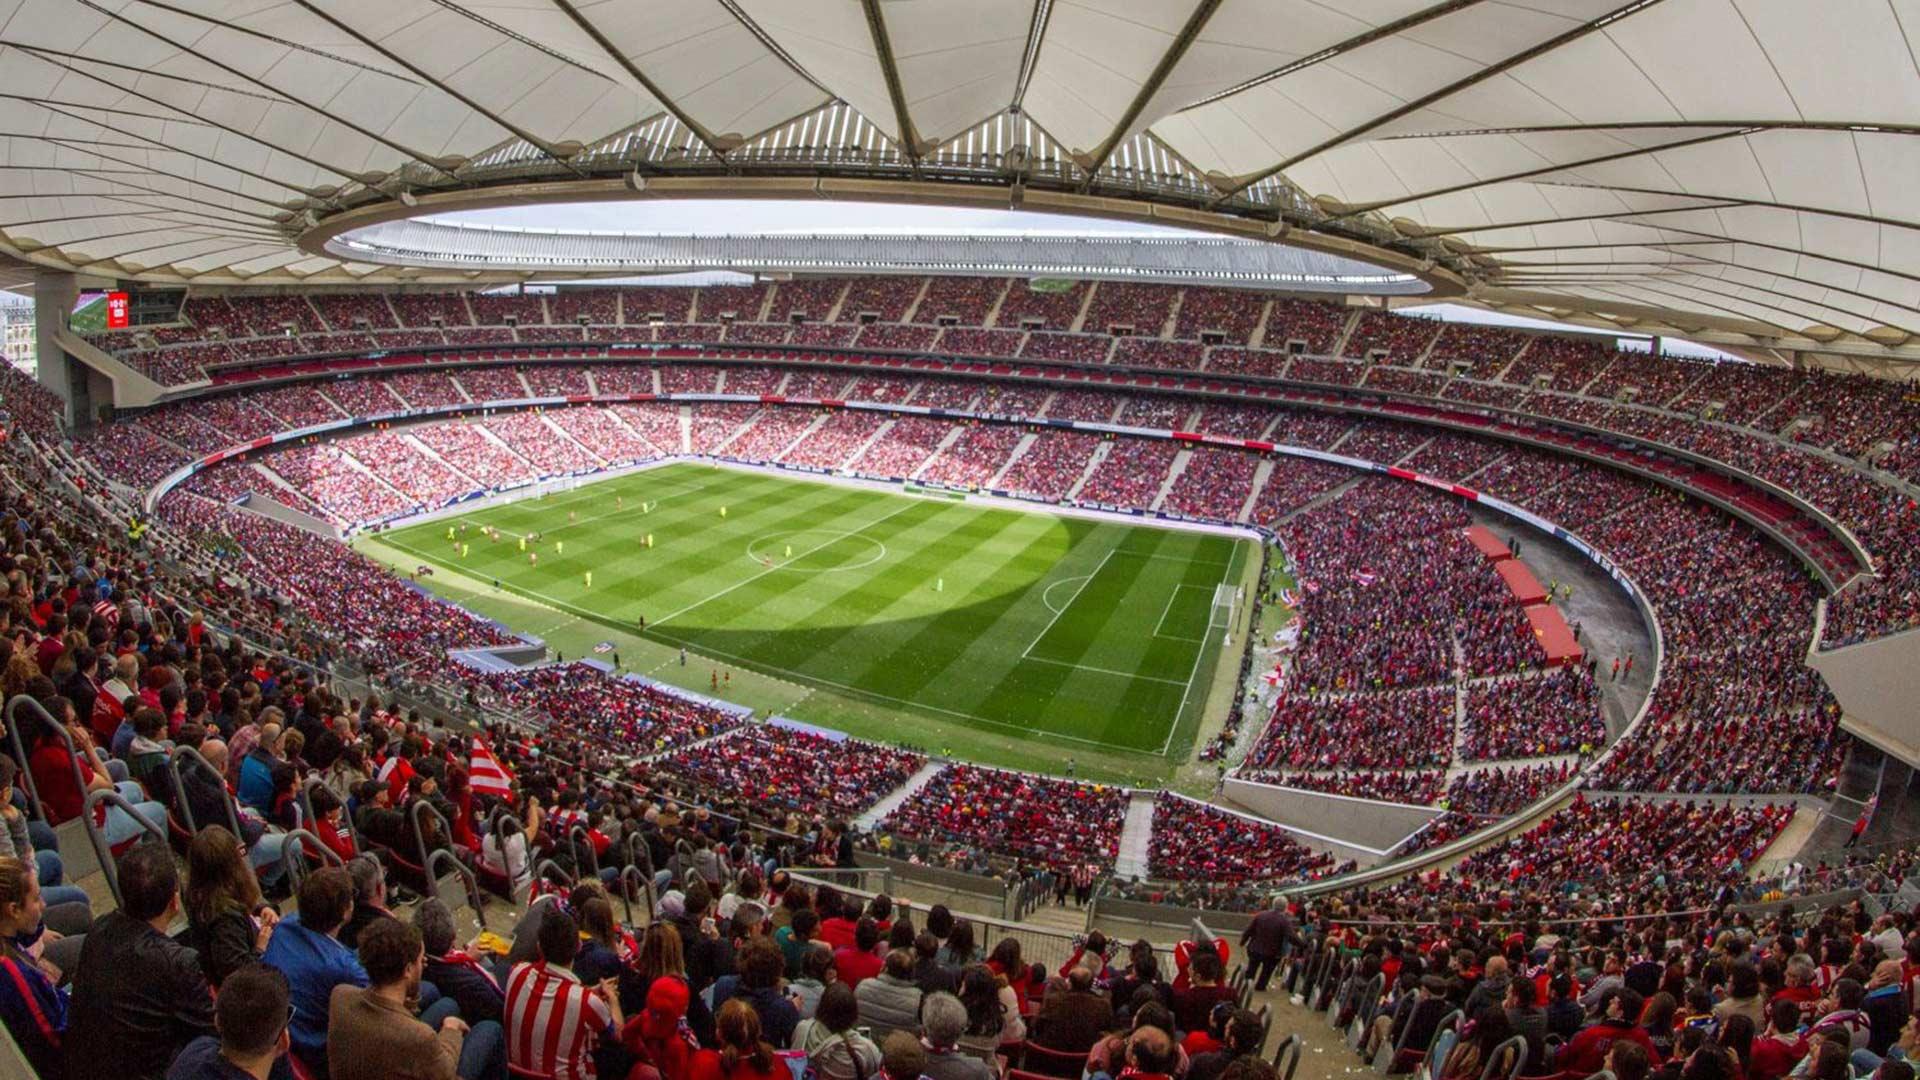 UEFA Champions League Atl U00e9tico Madrid Vs Liverpool FC